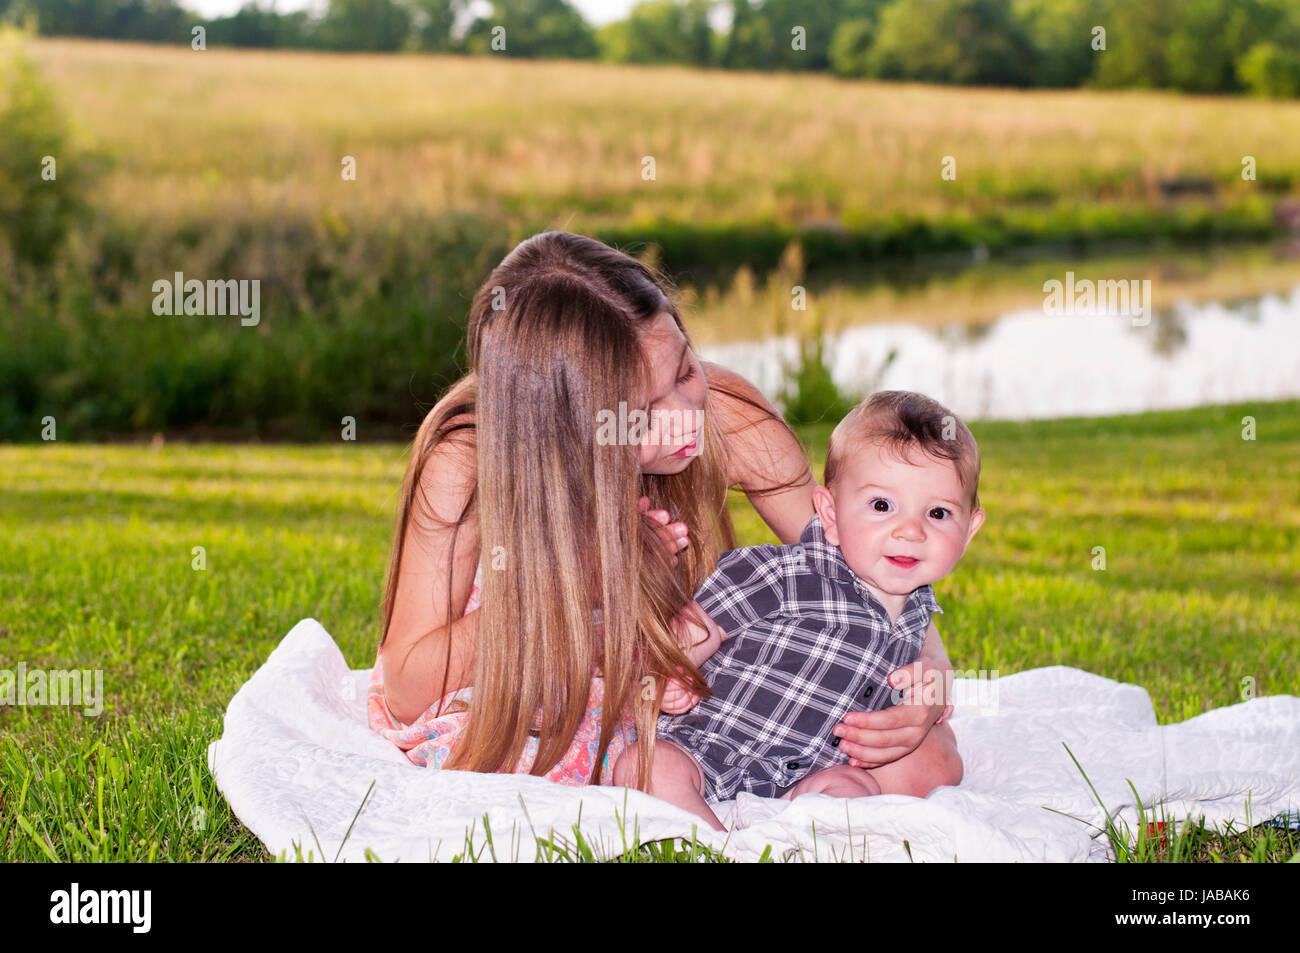 Girls sur paysage extérieur couverture Photo Stock